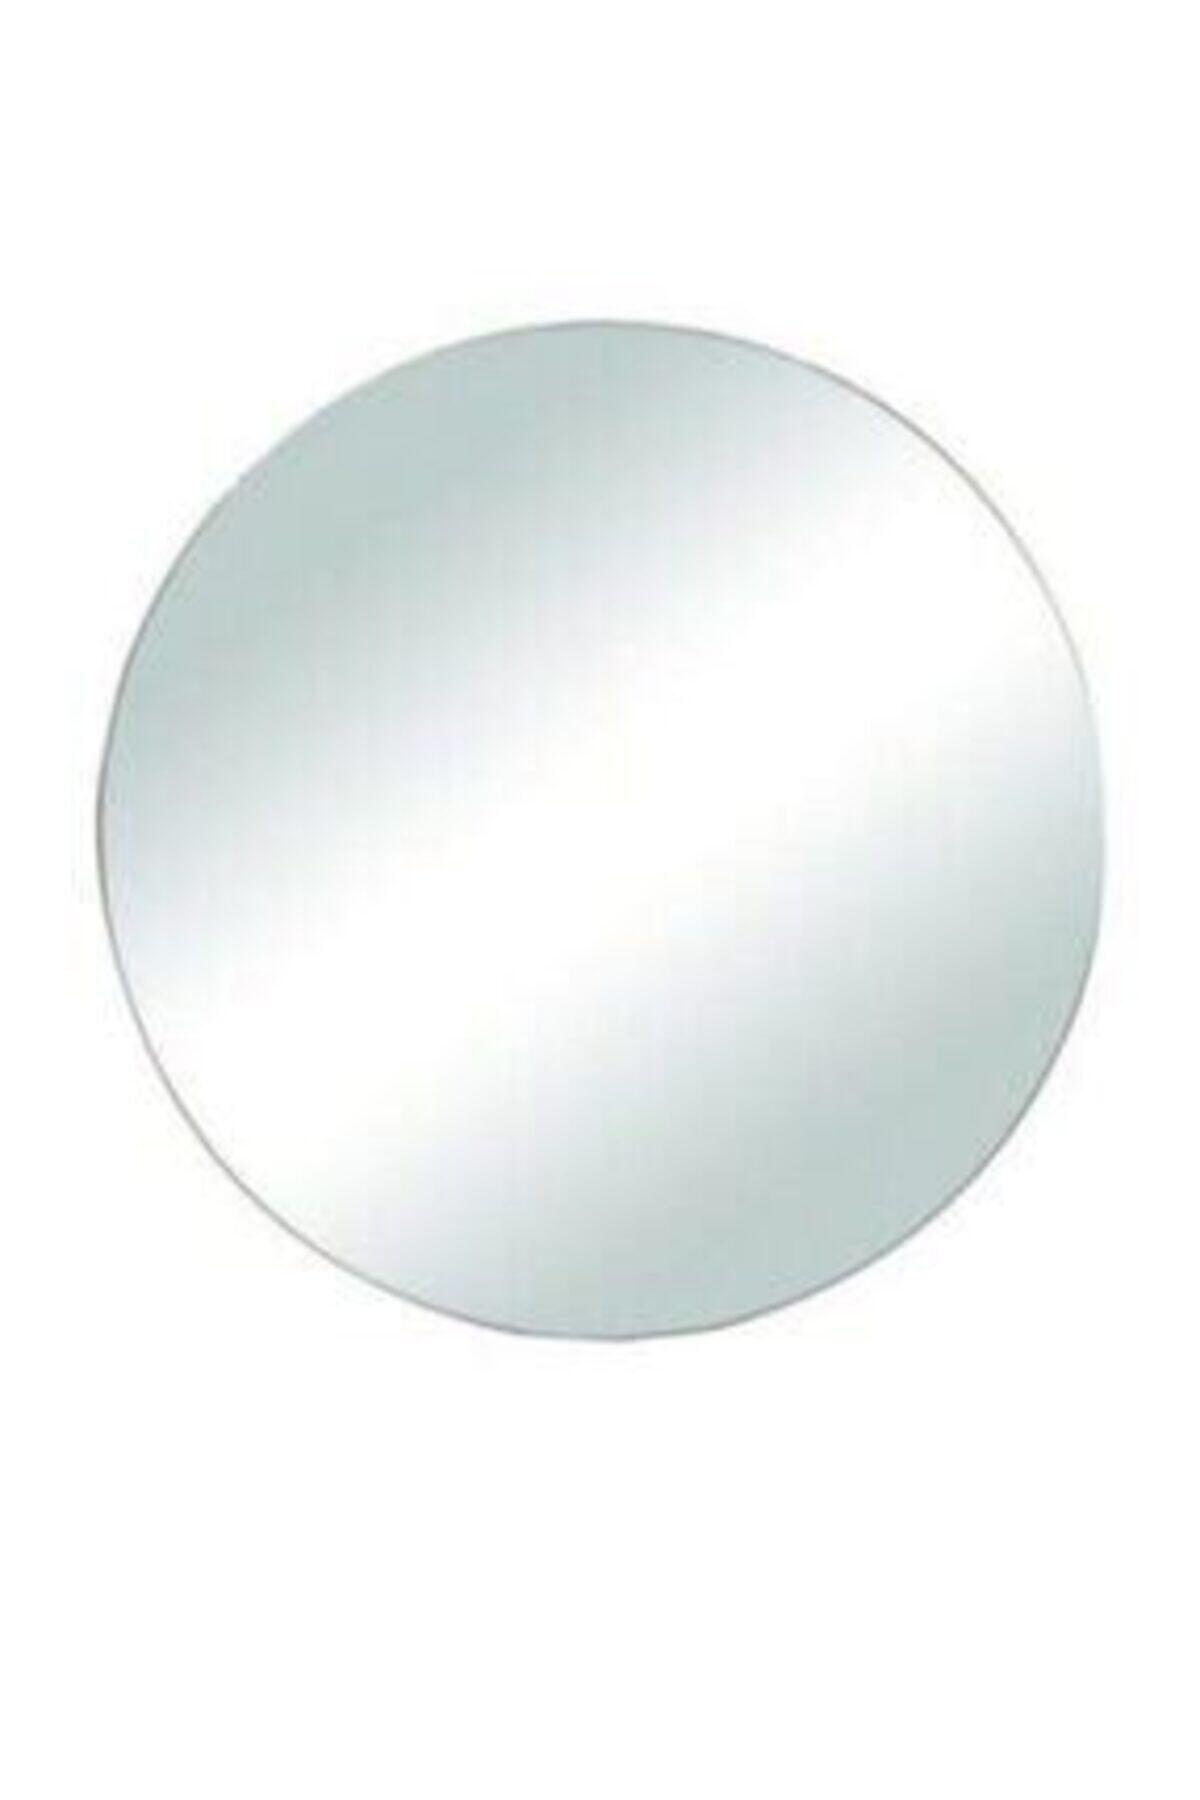 Yuvarlak Çerçevesiz Dekoratif Ayna 23 Cm